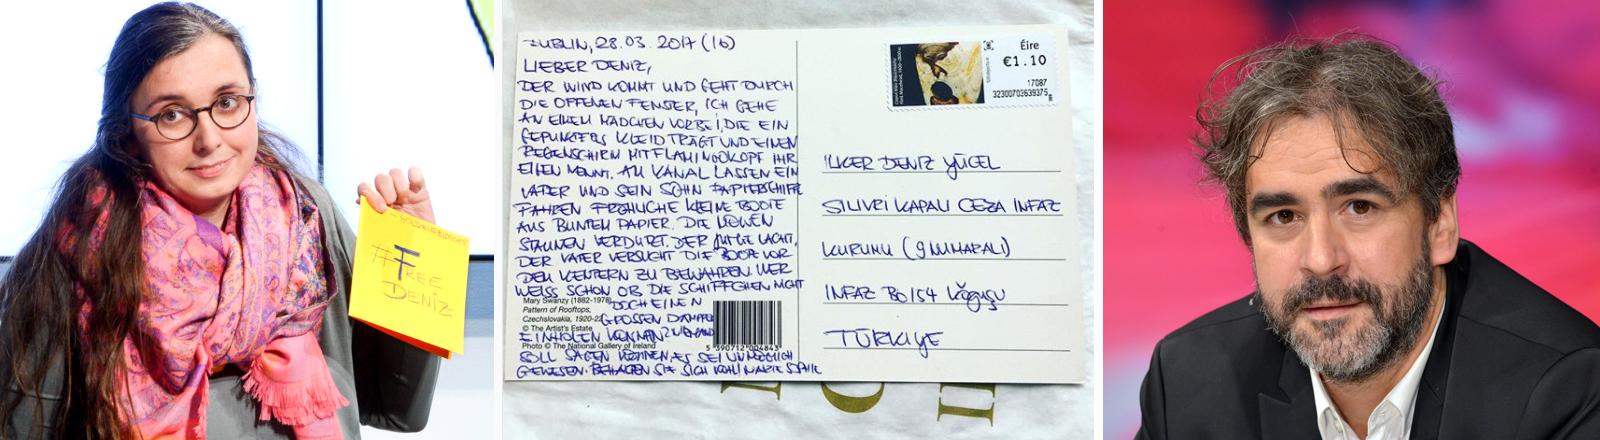 Links: Marie Sophie Hingst, Mitte: Eine Postkarte an Deniz Yücel, rechts: Deniz Yücel